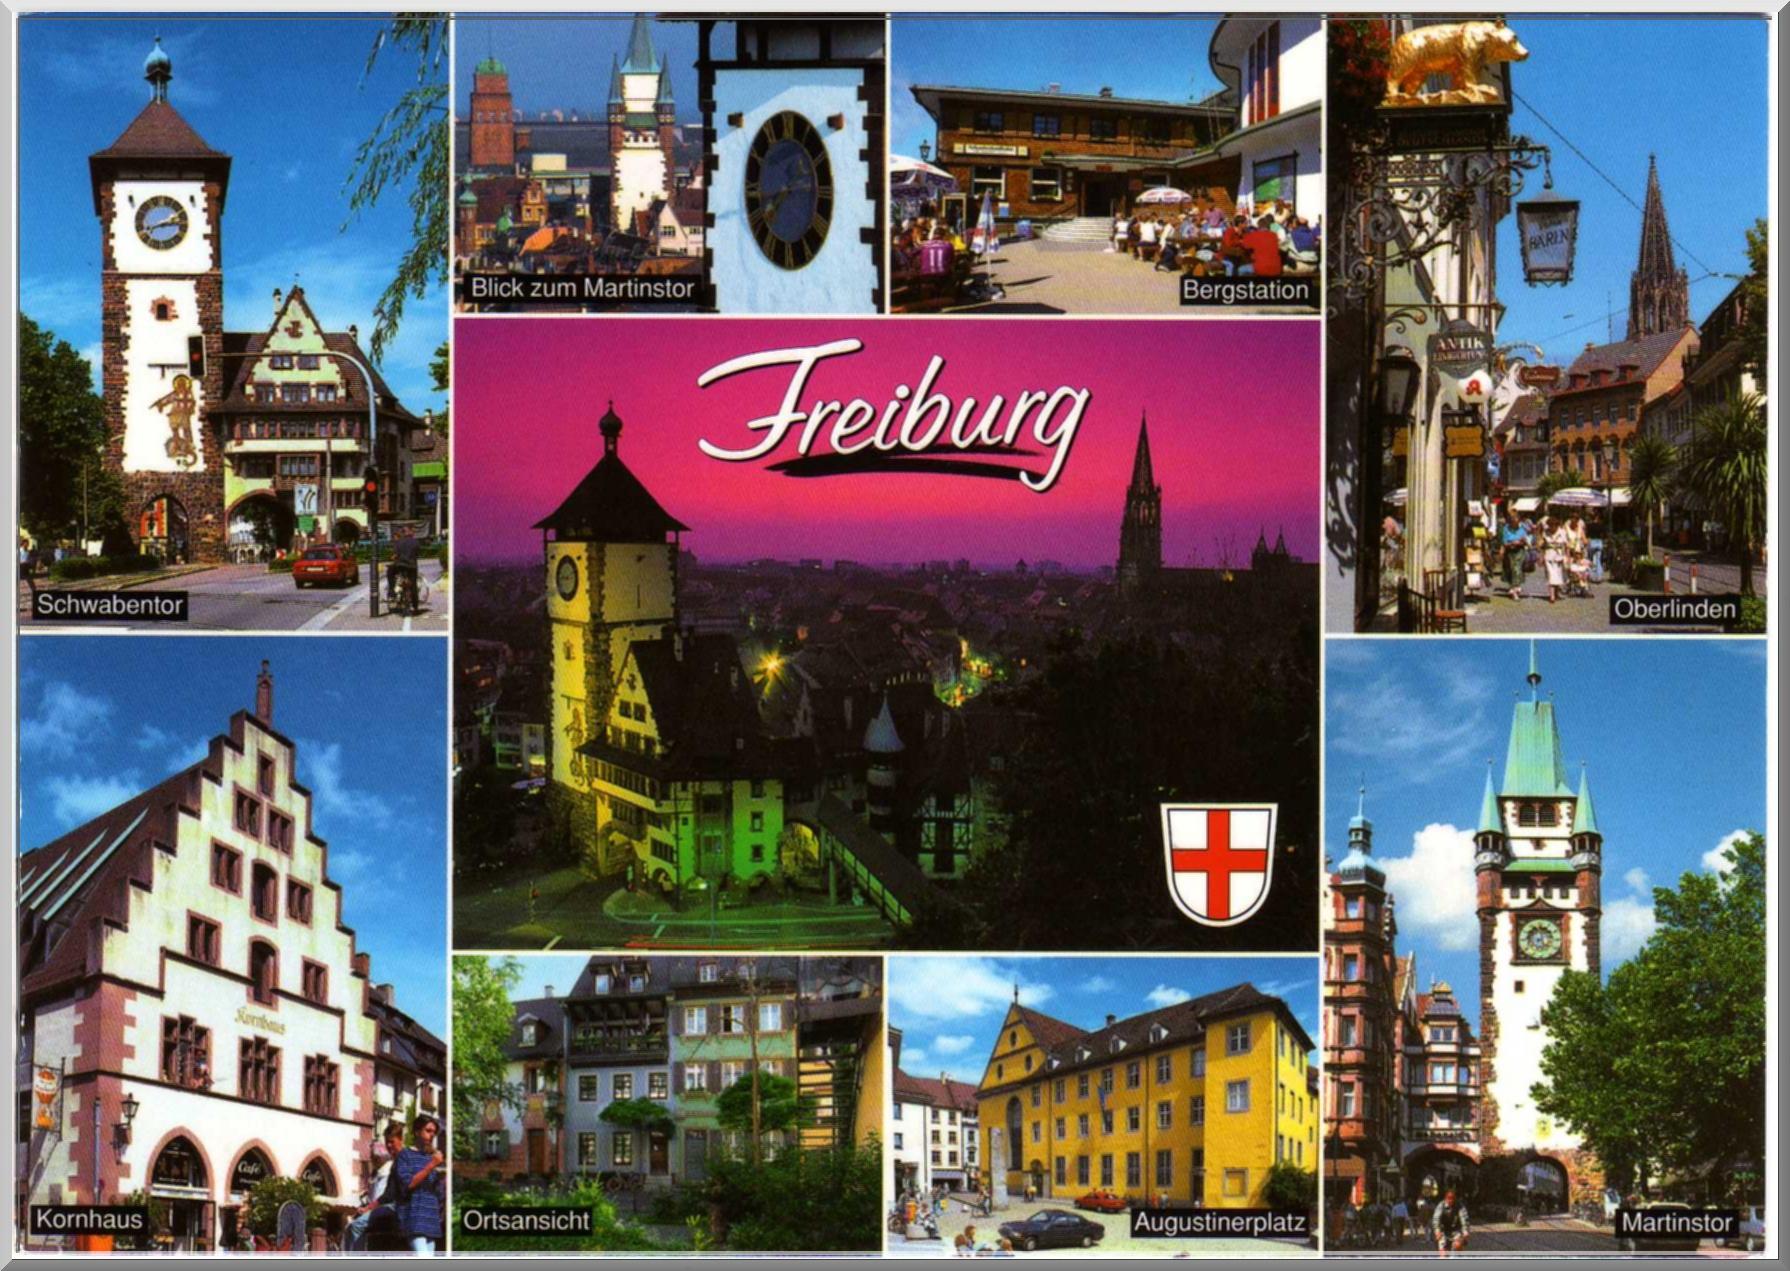 Pošalji mi razglednicu, neću SMS, po azbuci - Page 4 Freiburg_front